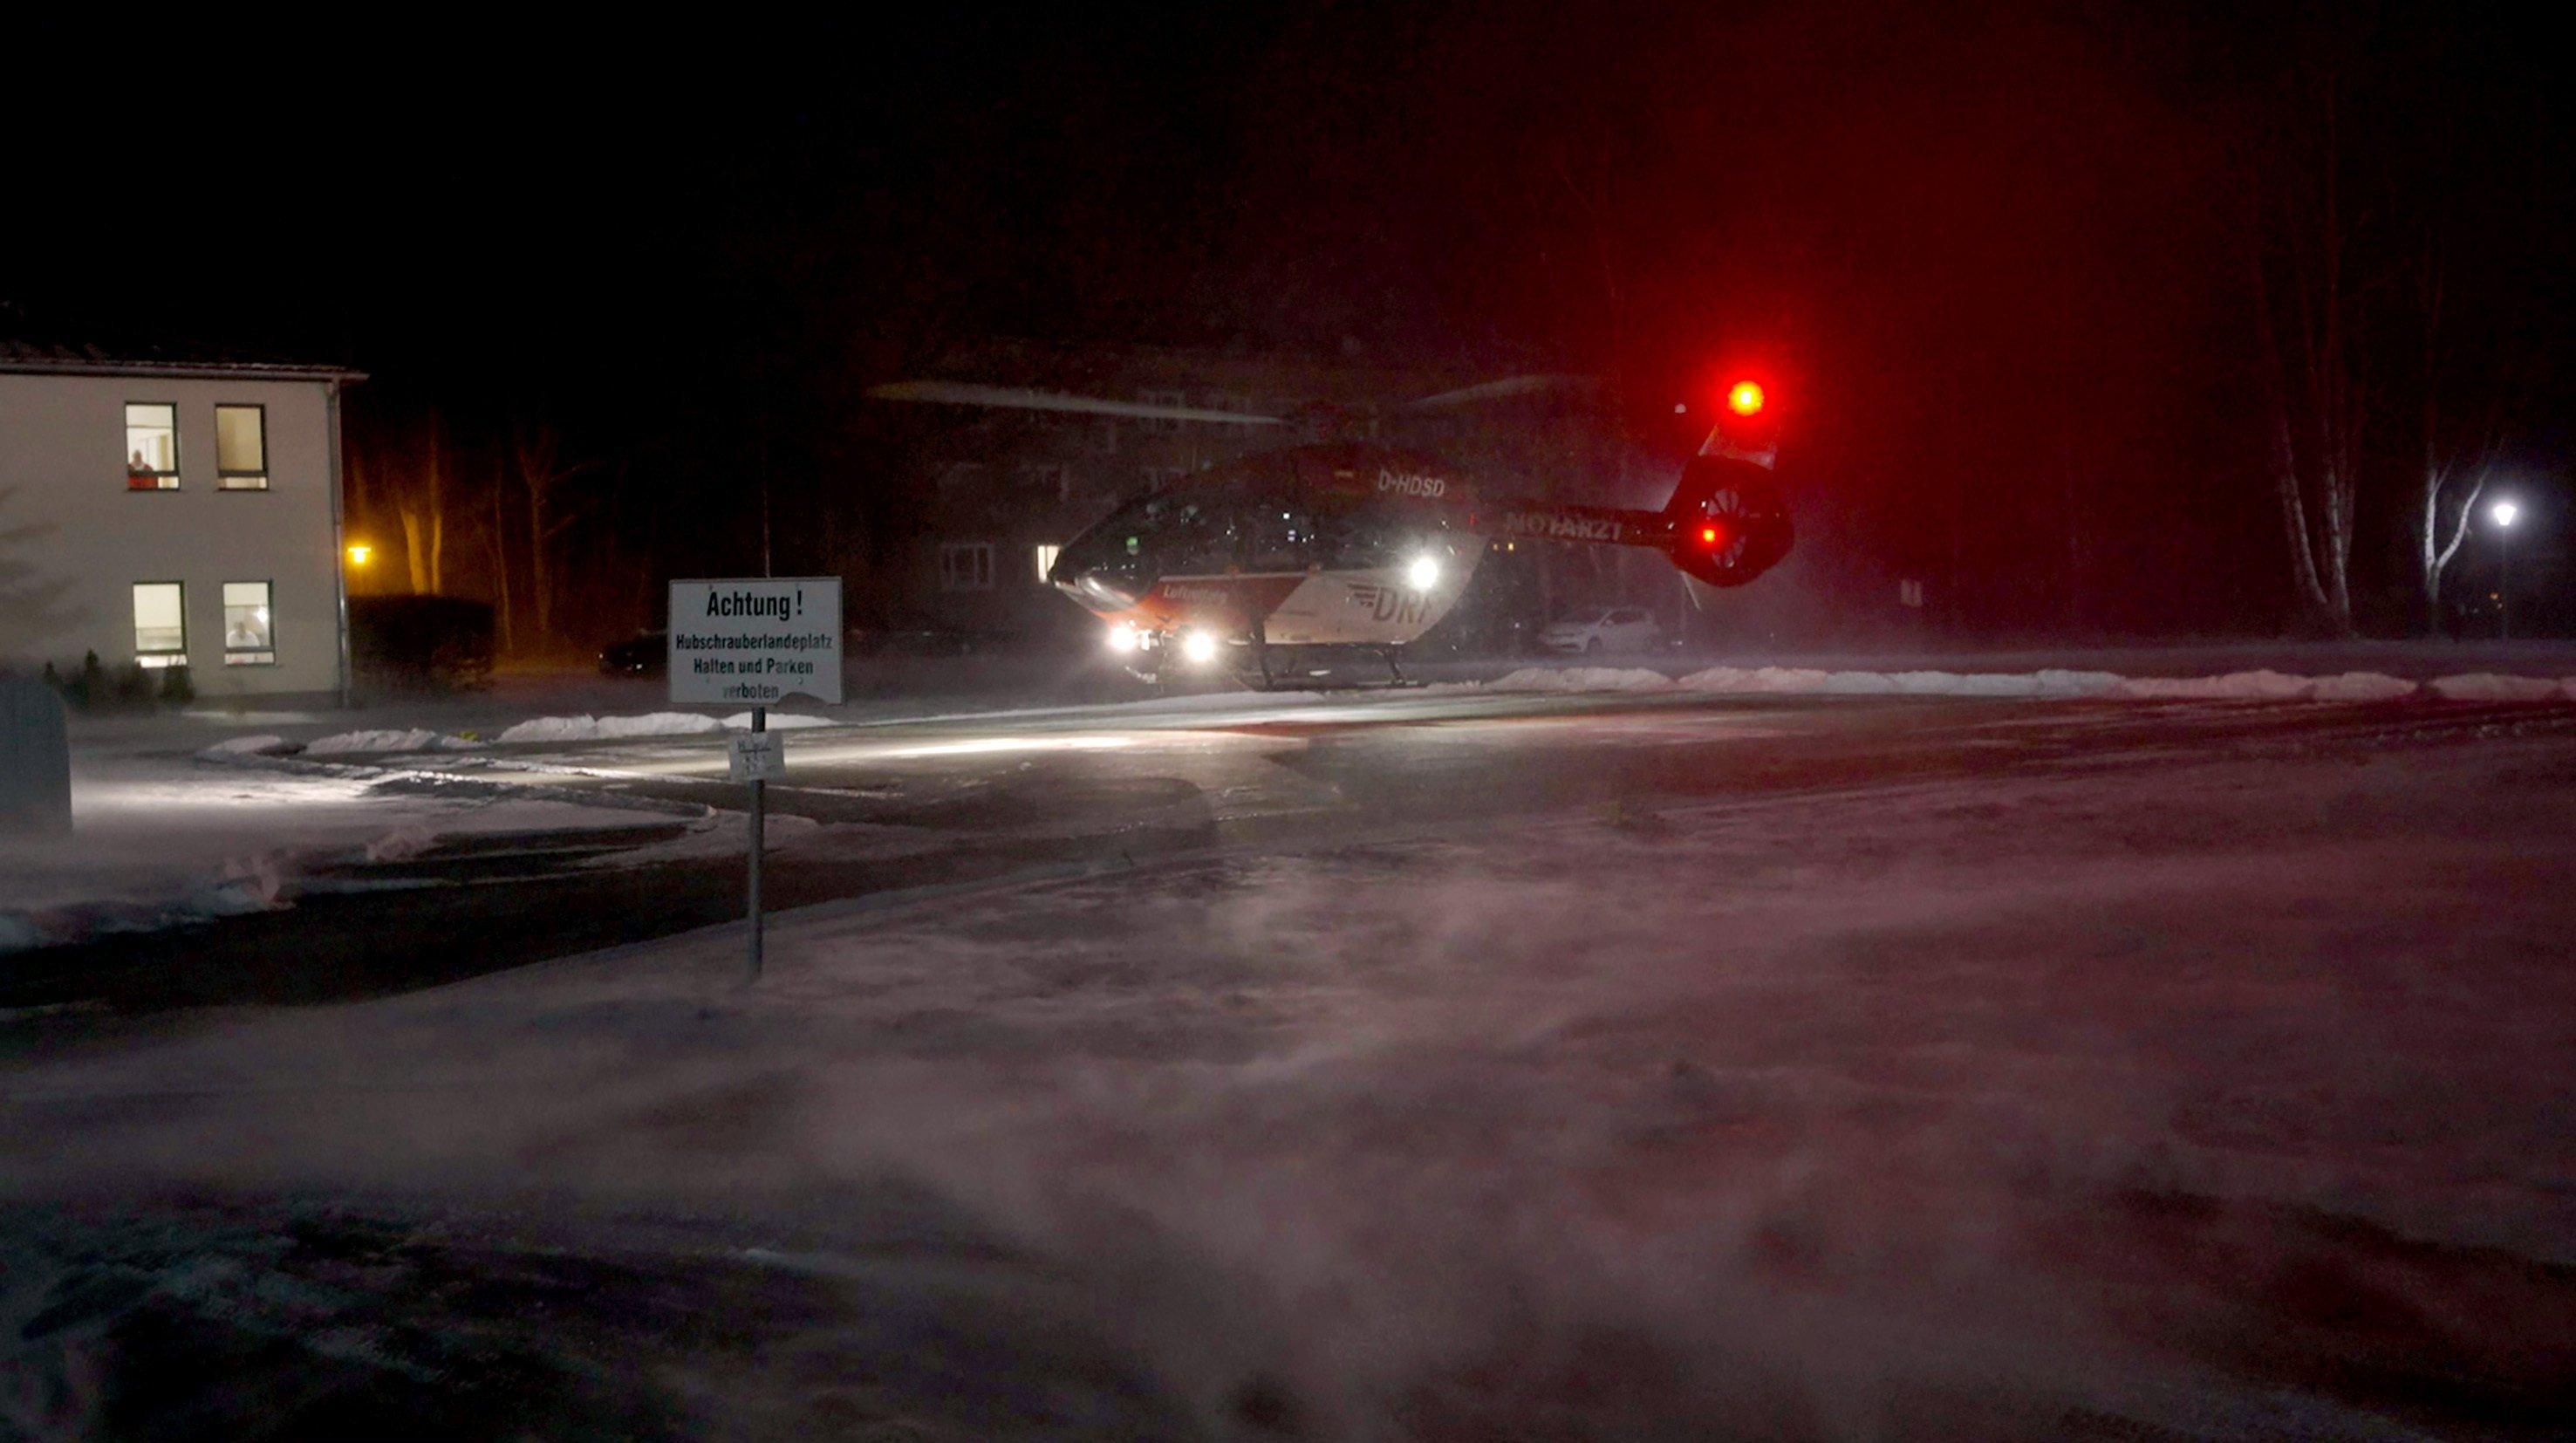 Ein Rettungshubschrauber landet bei Nacht vor der Charité in Berlin.